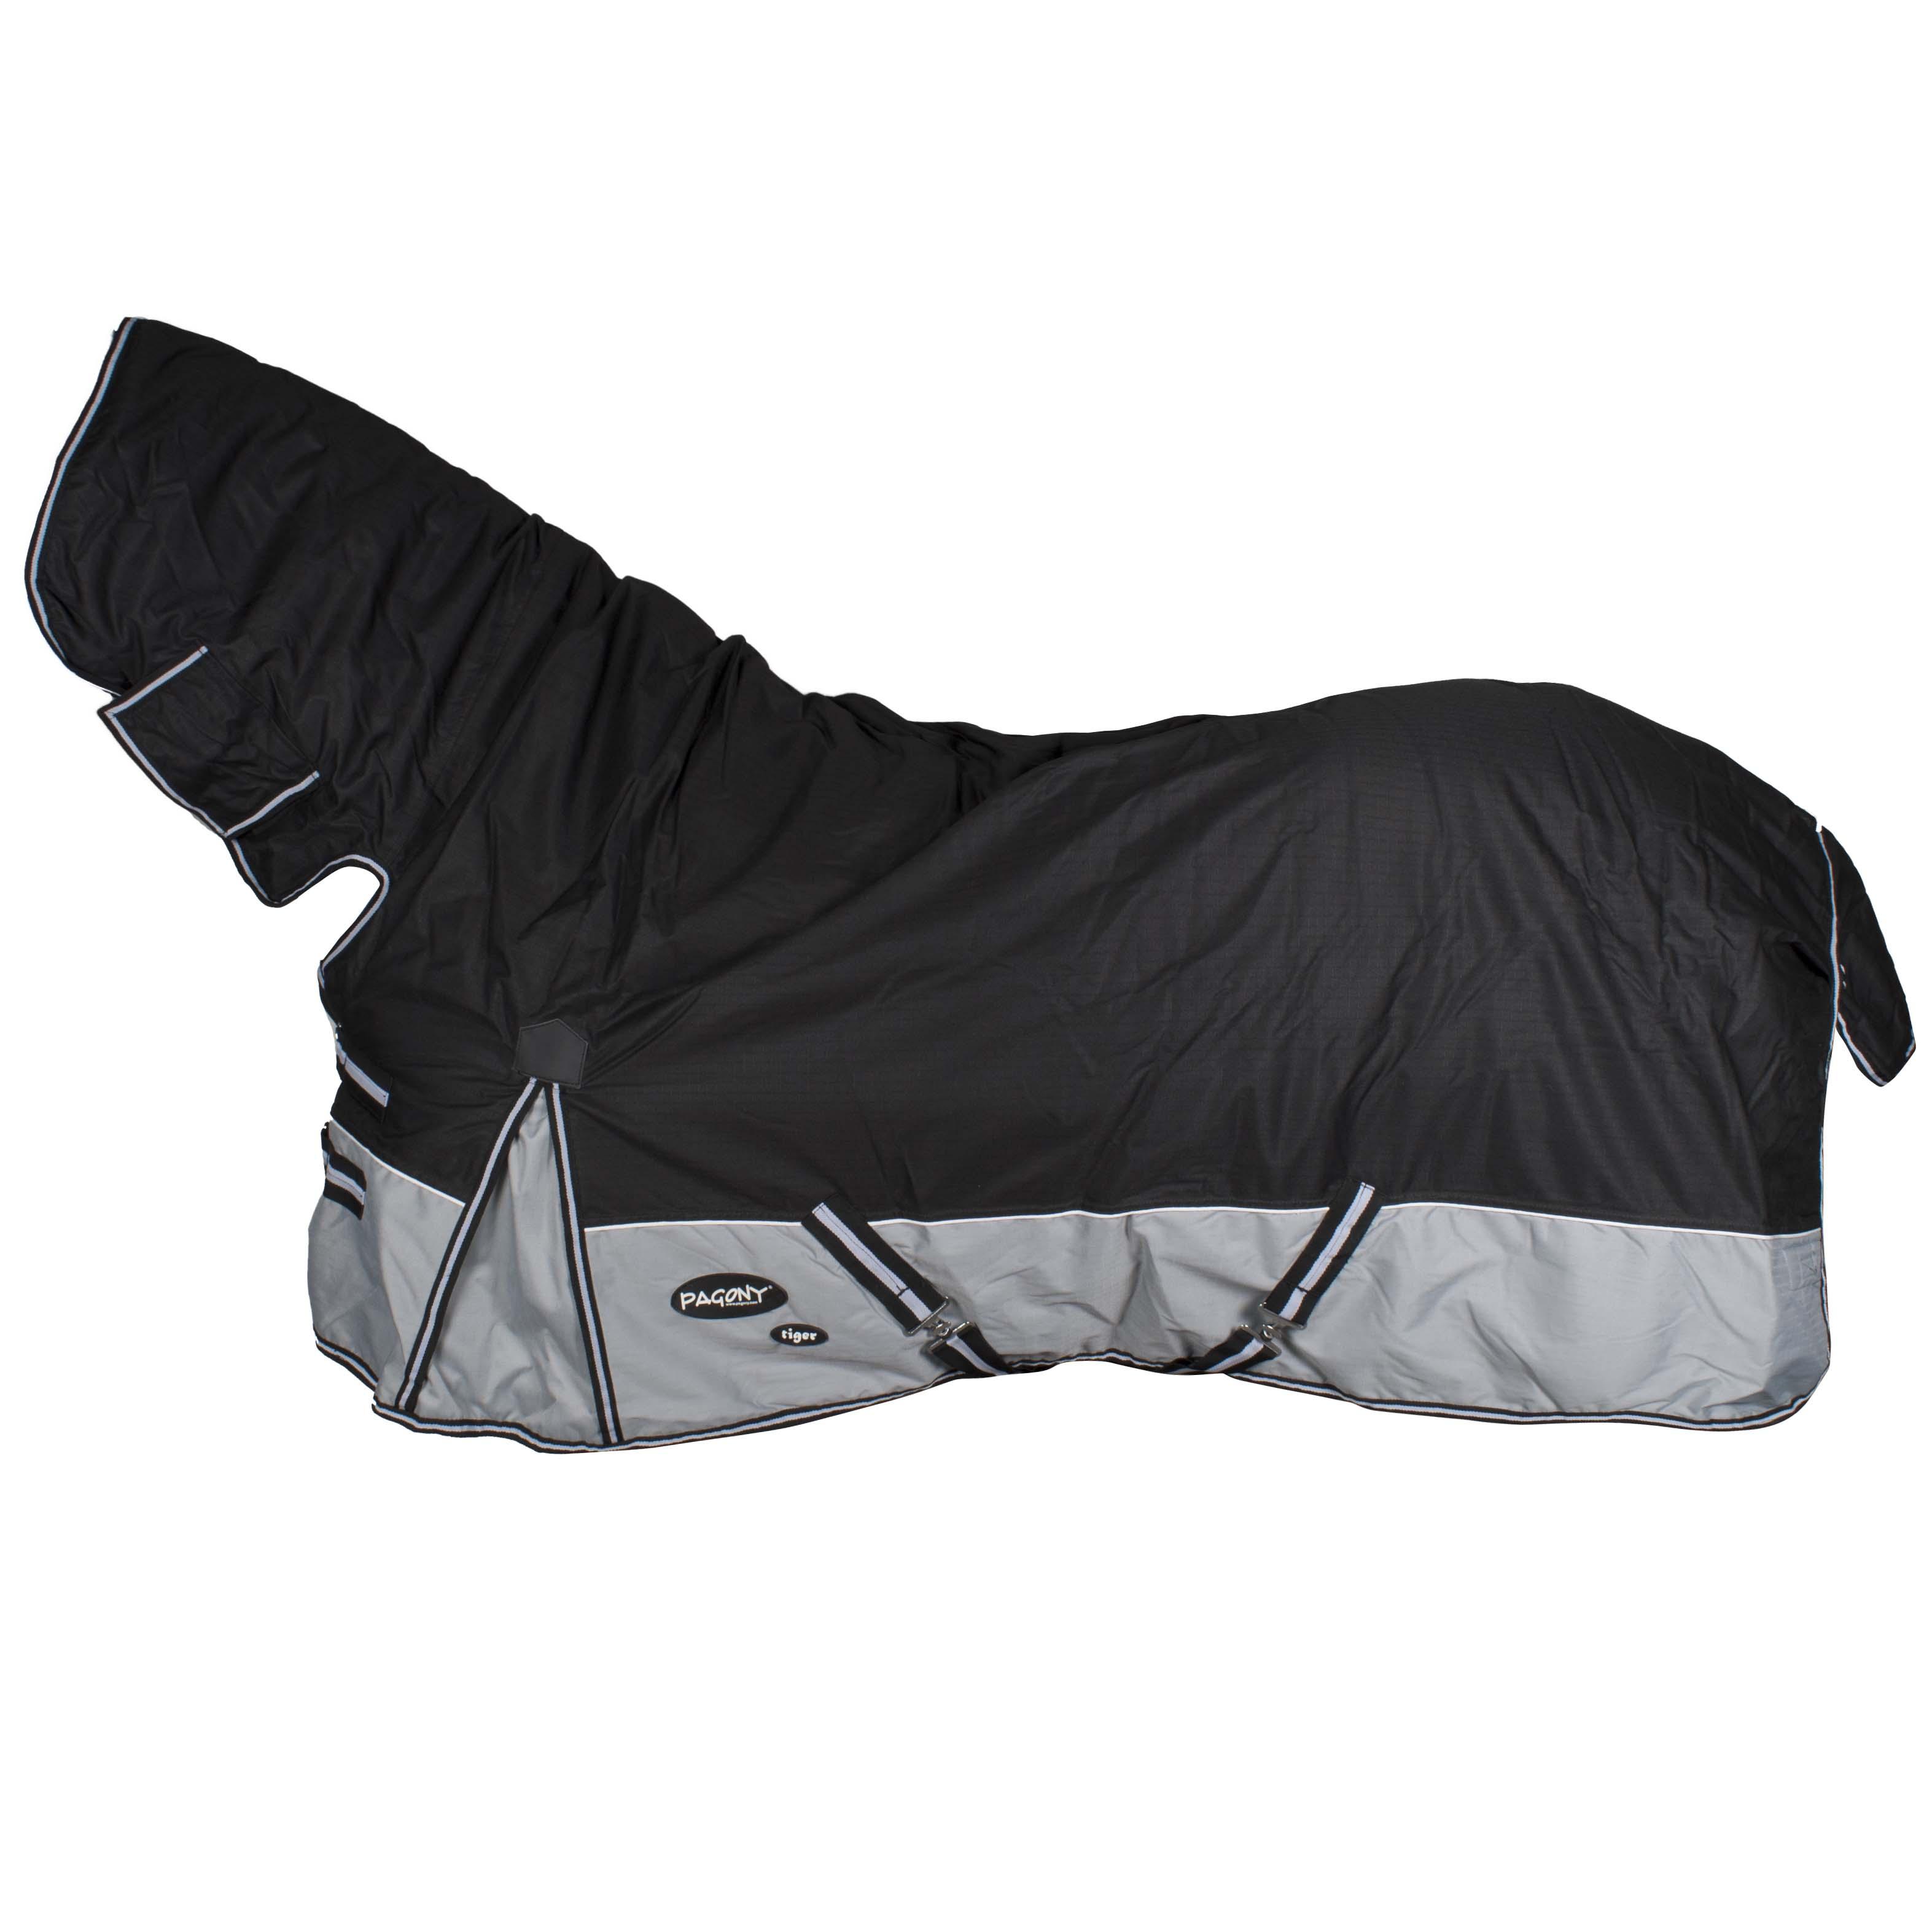 Pagony Tiger 0 Full Neck deken zwart maat:175